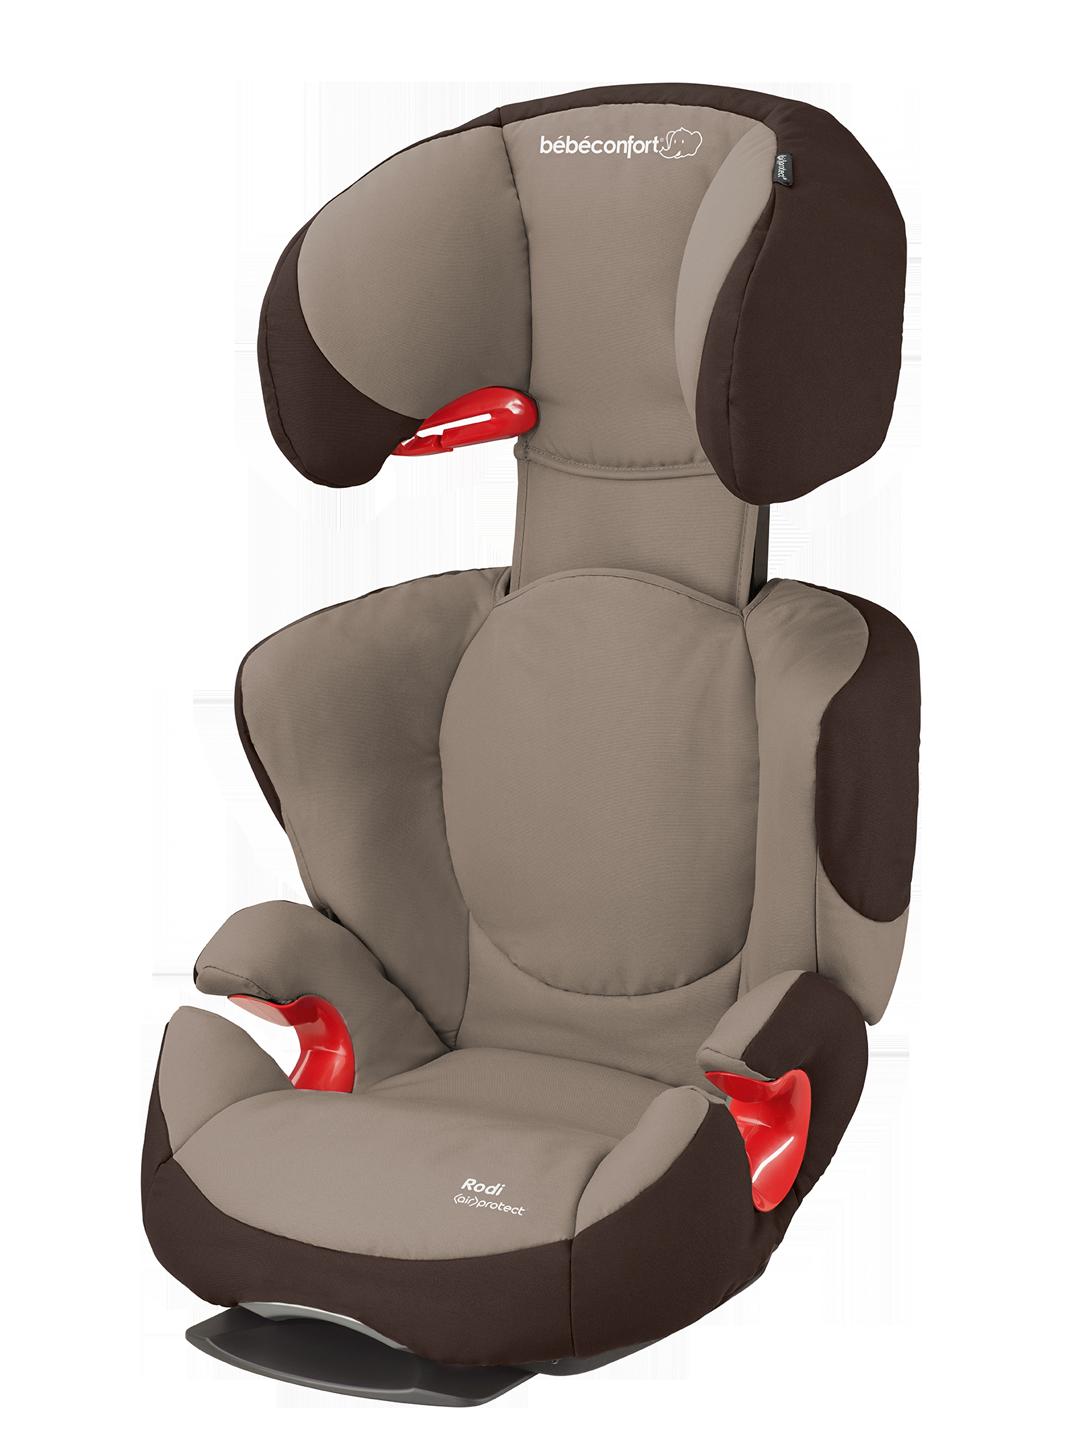 Seggiolino Auto Bèbè Confort Rodi AirProtect® Earth Brown